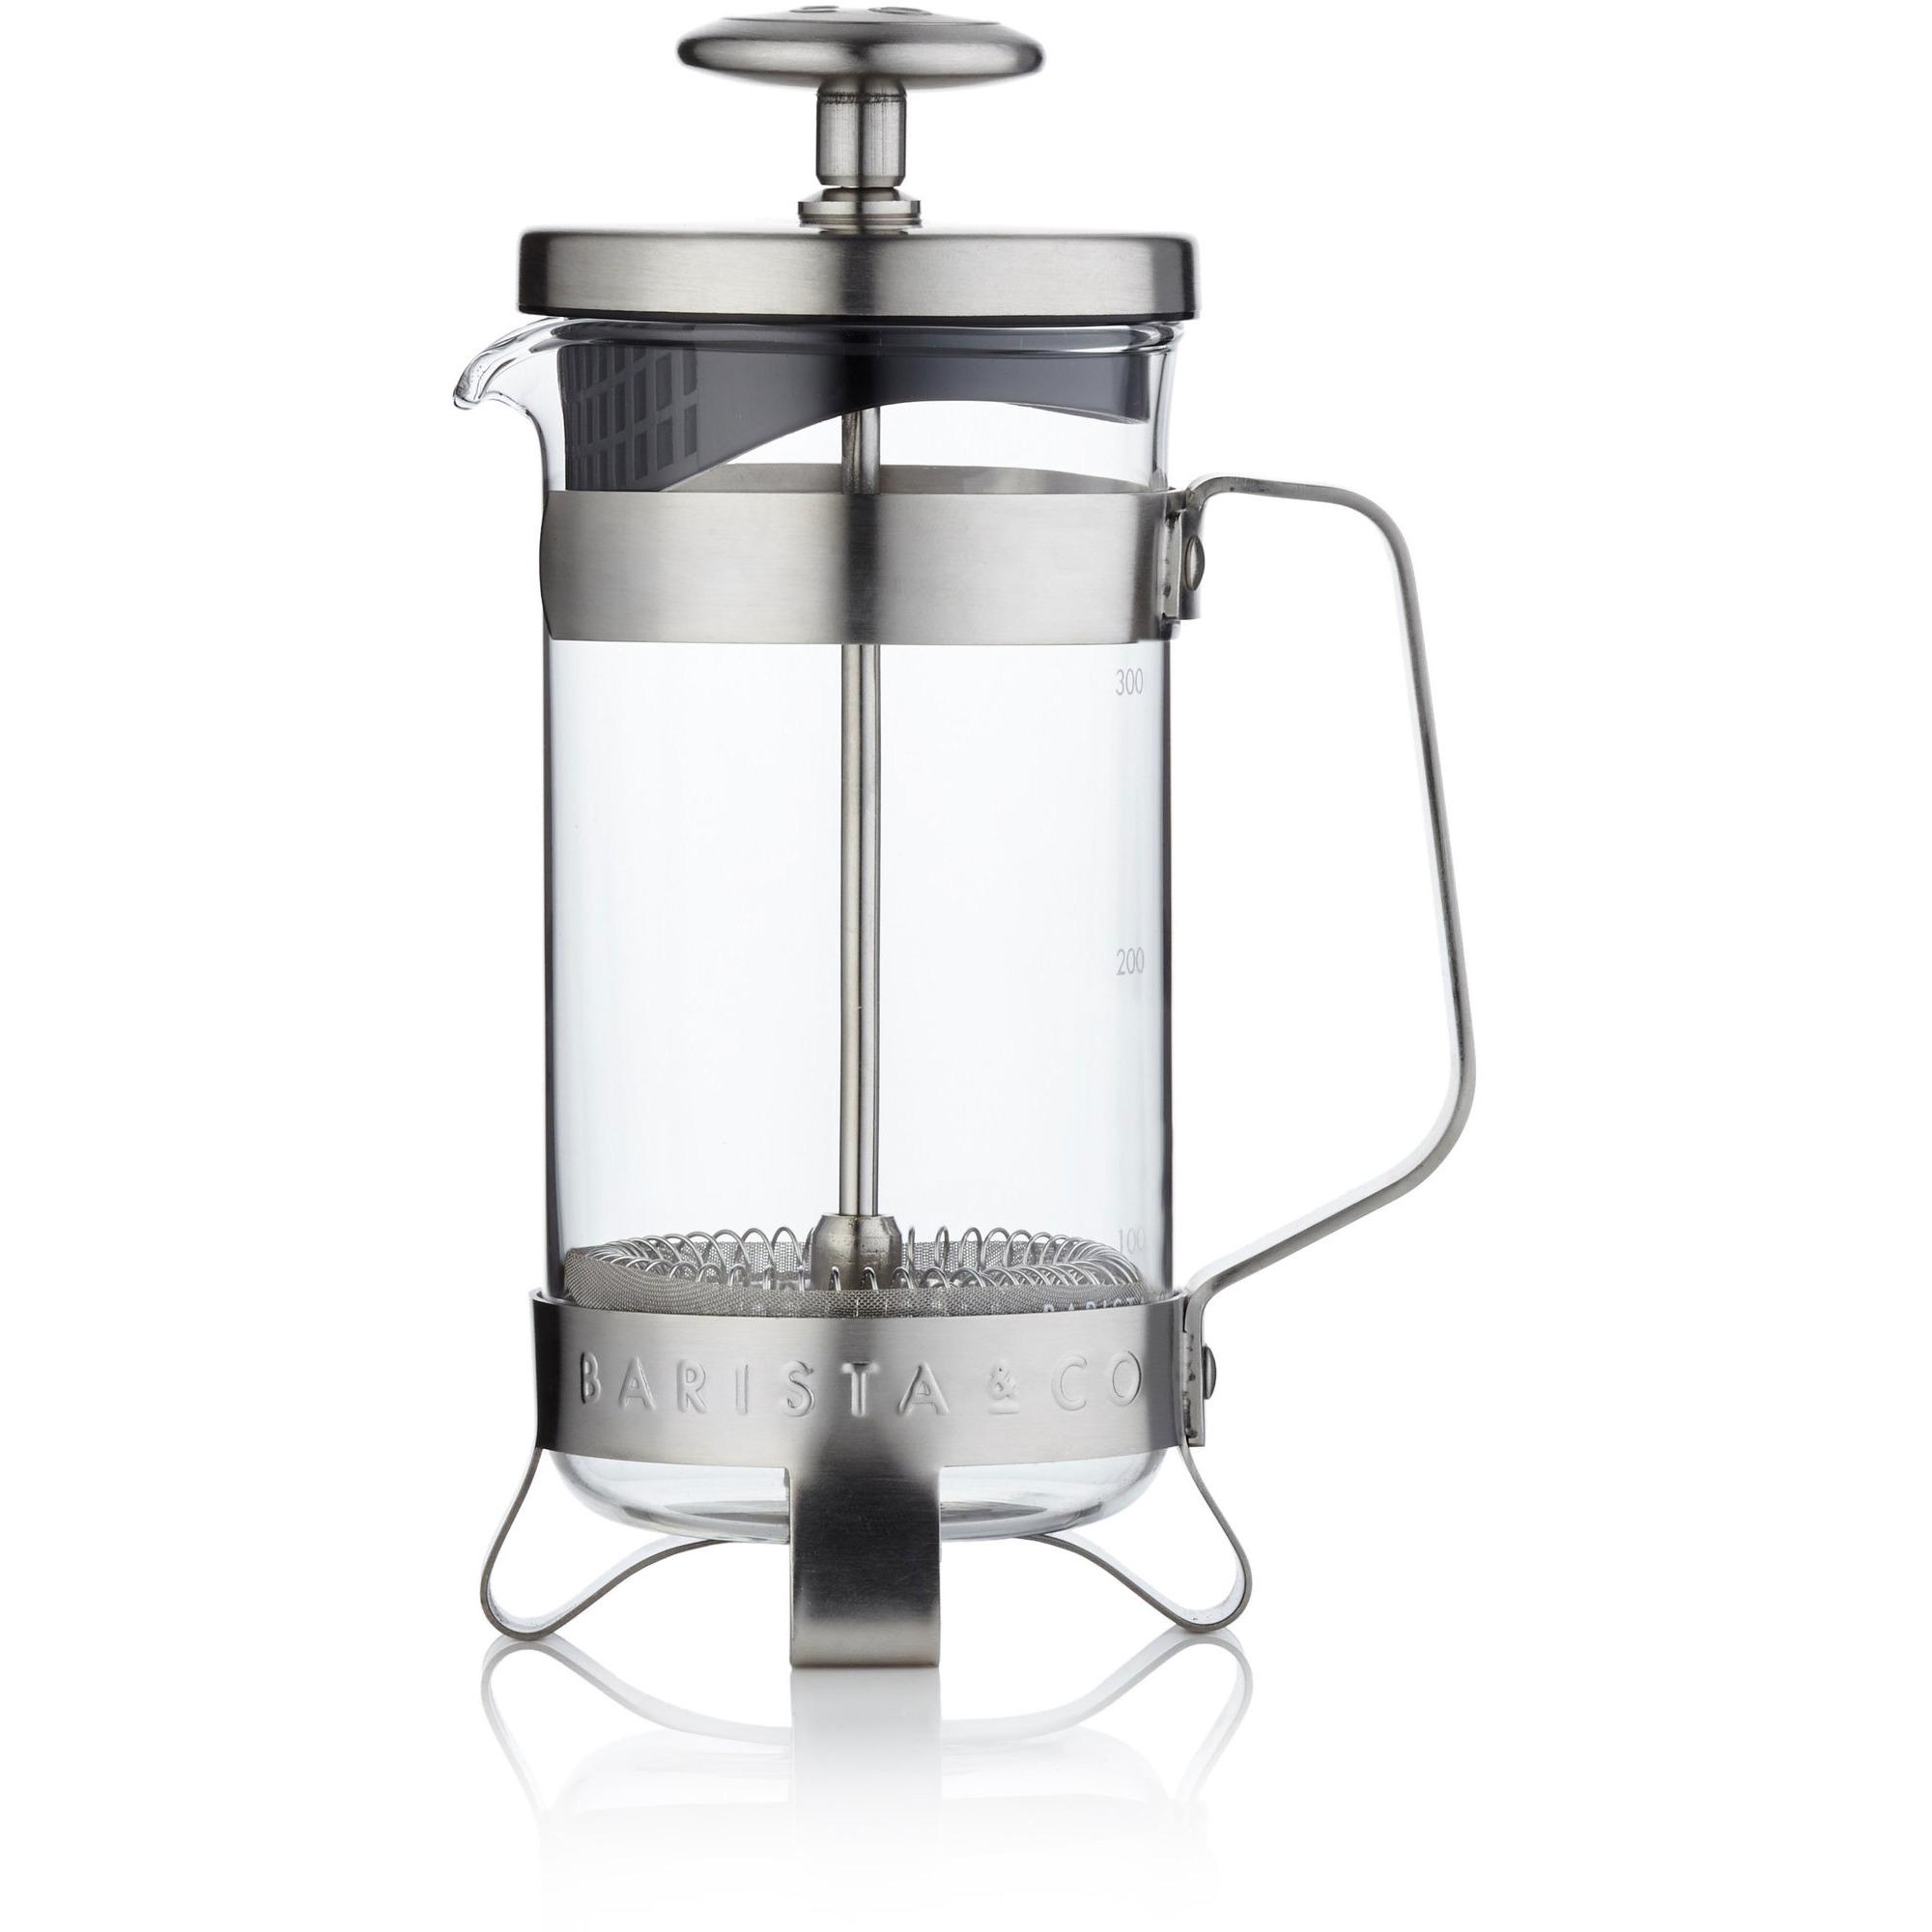 Barista & Co. Kaffepress i borstat stål 3 koppar